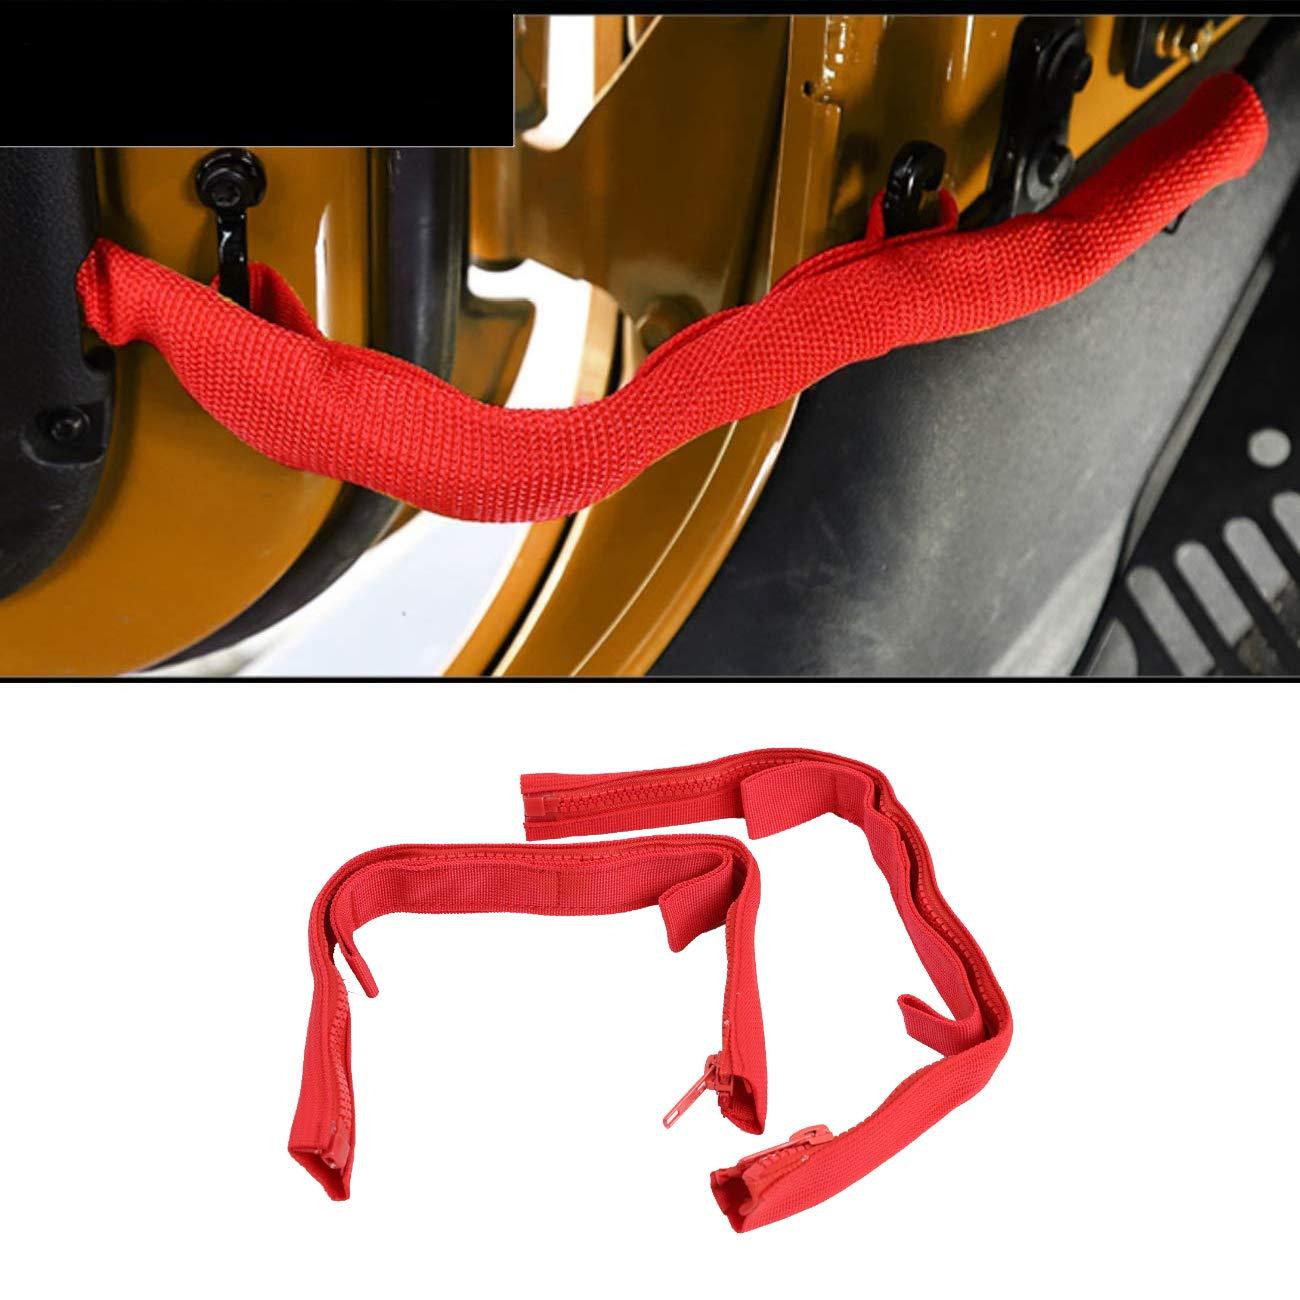 Door Limiting Straps for Jeep Wrangler JK JKU 2007-2018 Smart Strap Black 2Pack